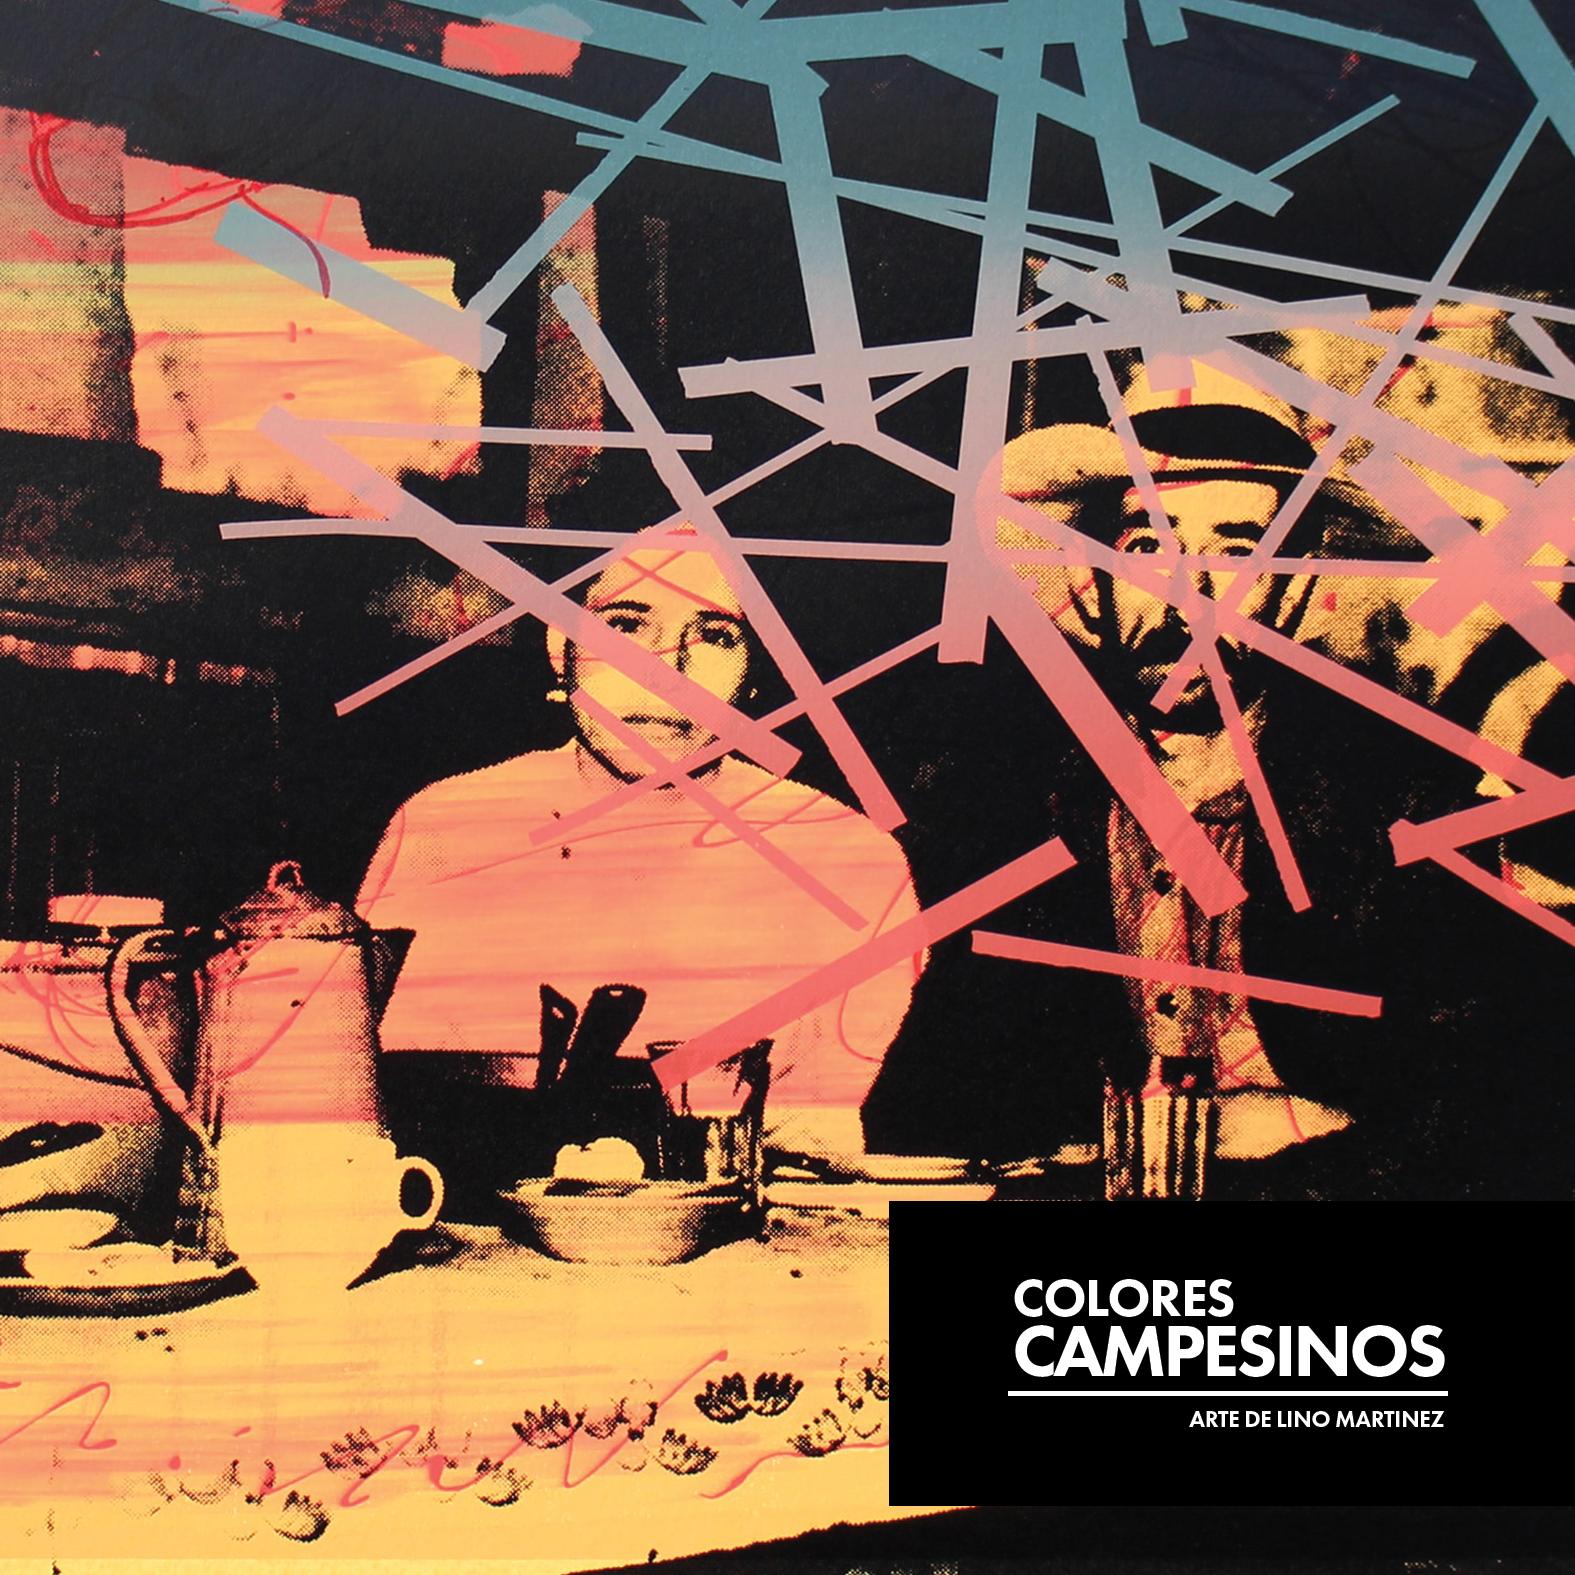 Colores Campesinos